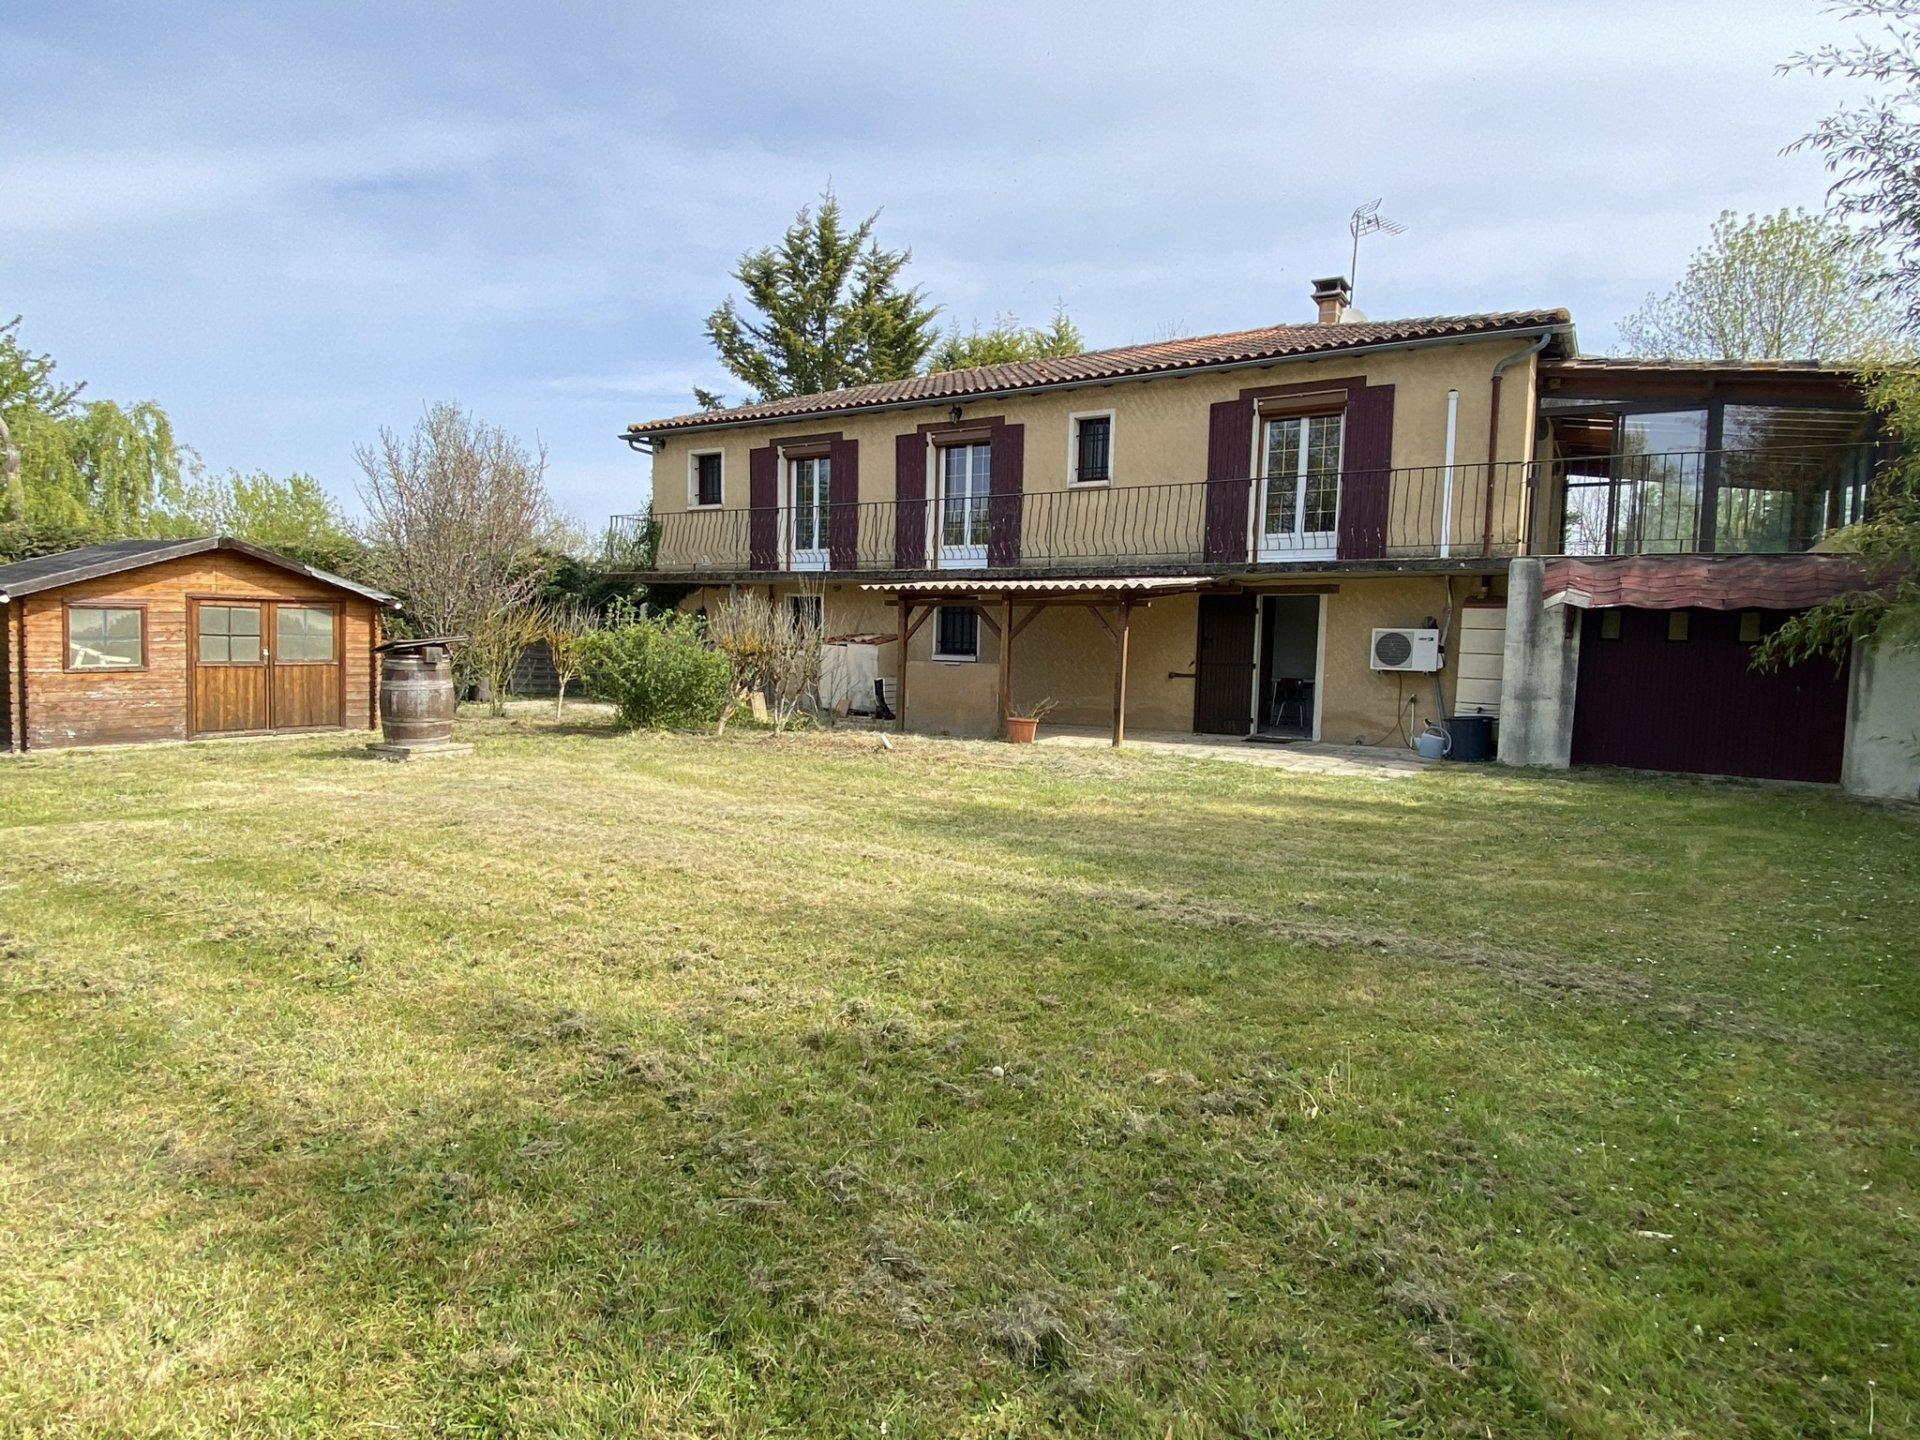 Maison d'habitation sur 1Ha5 de terrain